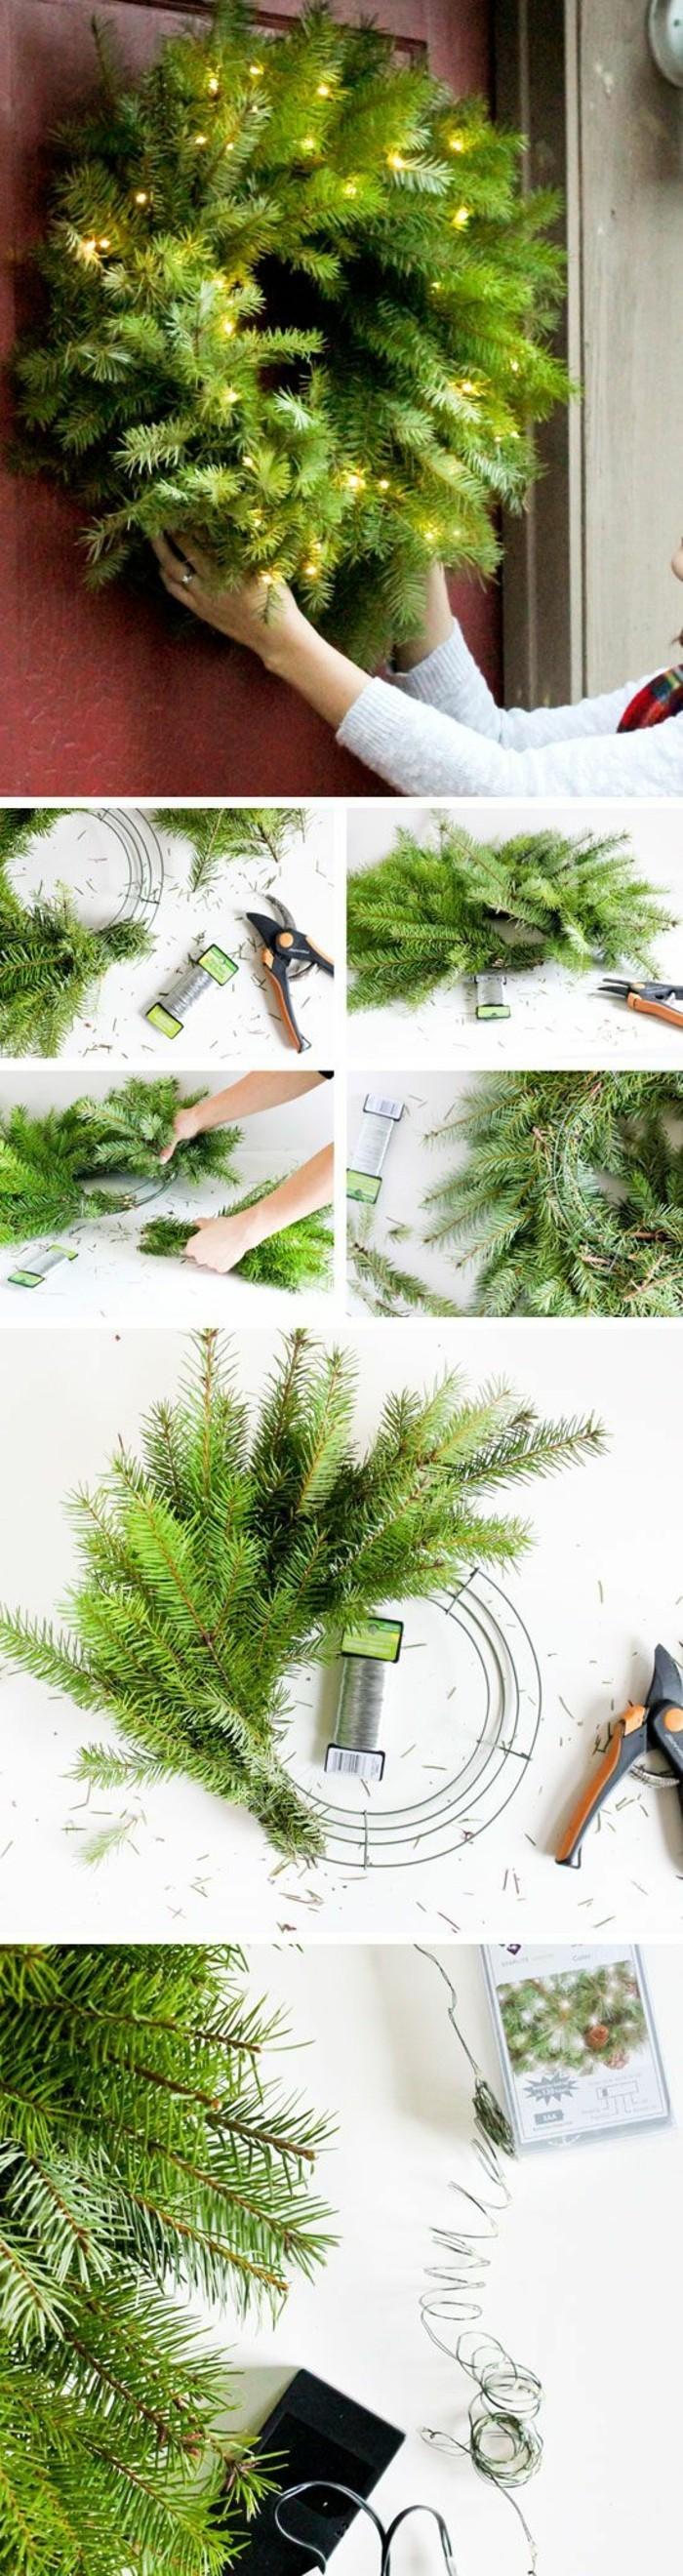 4-moderne-weihnachtsdeko-zweigen-beleuctung-tuer-zange